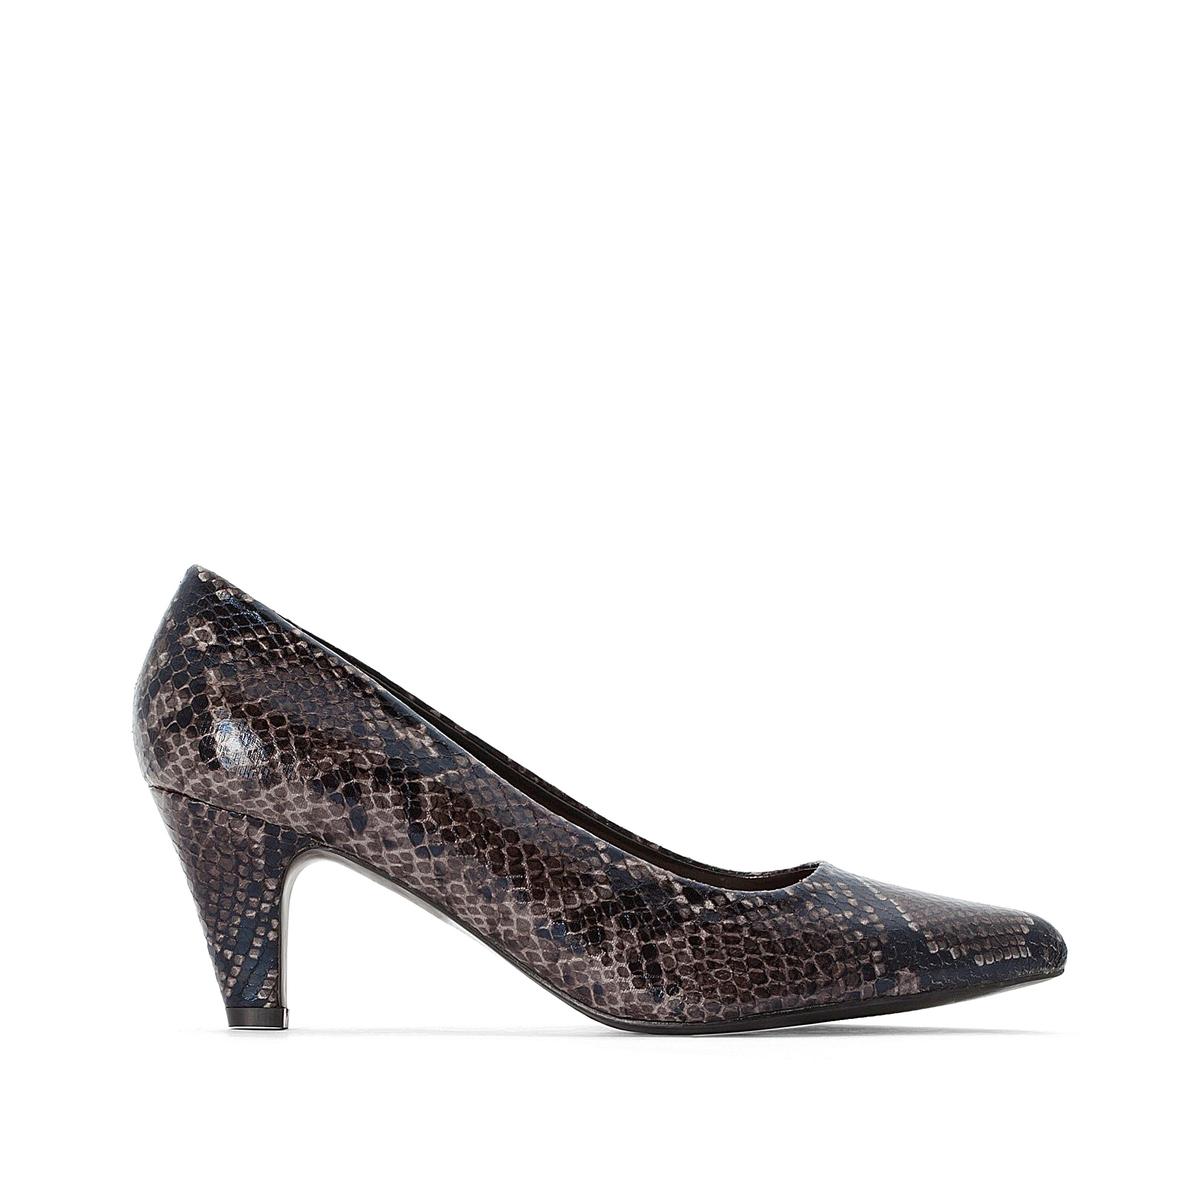 Туфли La Redoute С питоновым принтом 42 черный туфли la redoute на среднем каблуке с питоновым принтом 36 каштановый